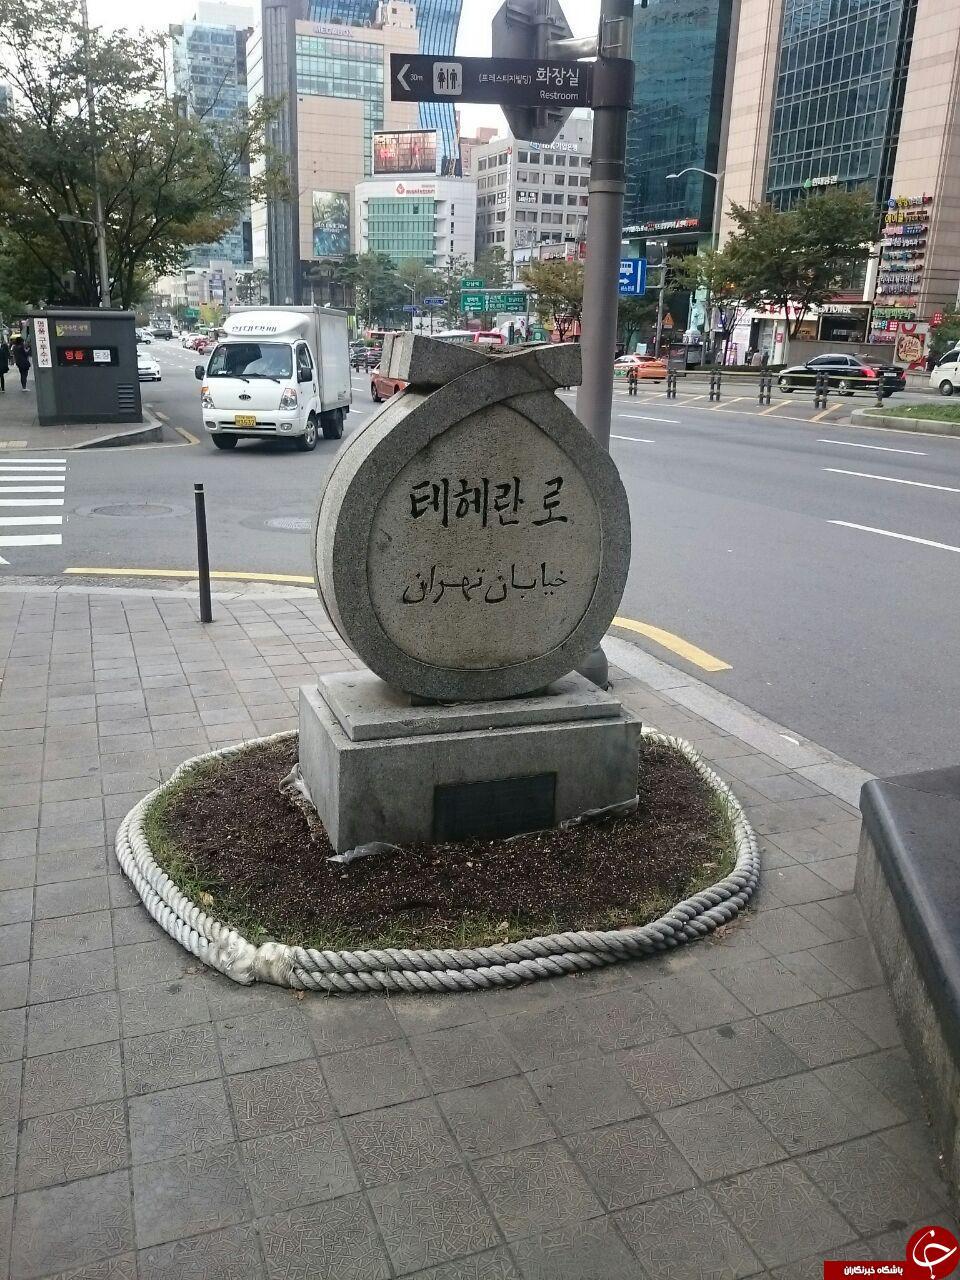 لحظه خوشحالی یک کوآلا/کتابخانه عمومی شهر پراگ/ پهپادهای در حال پرواز/صف نذری در کره جنوبی/